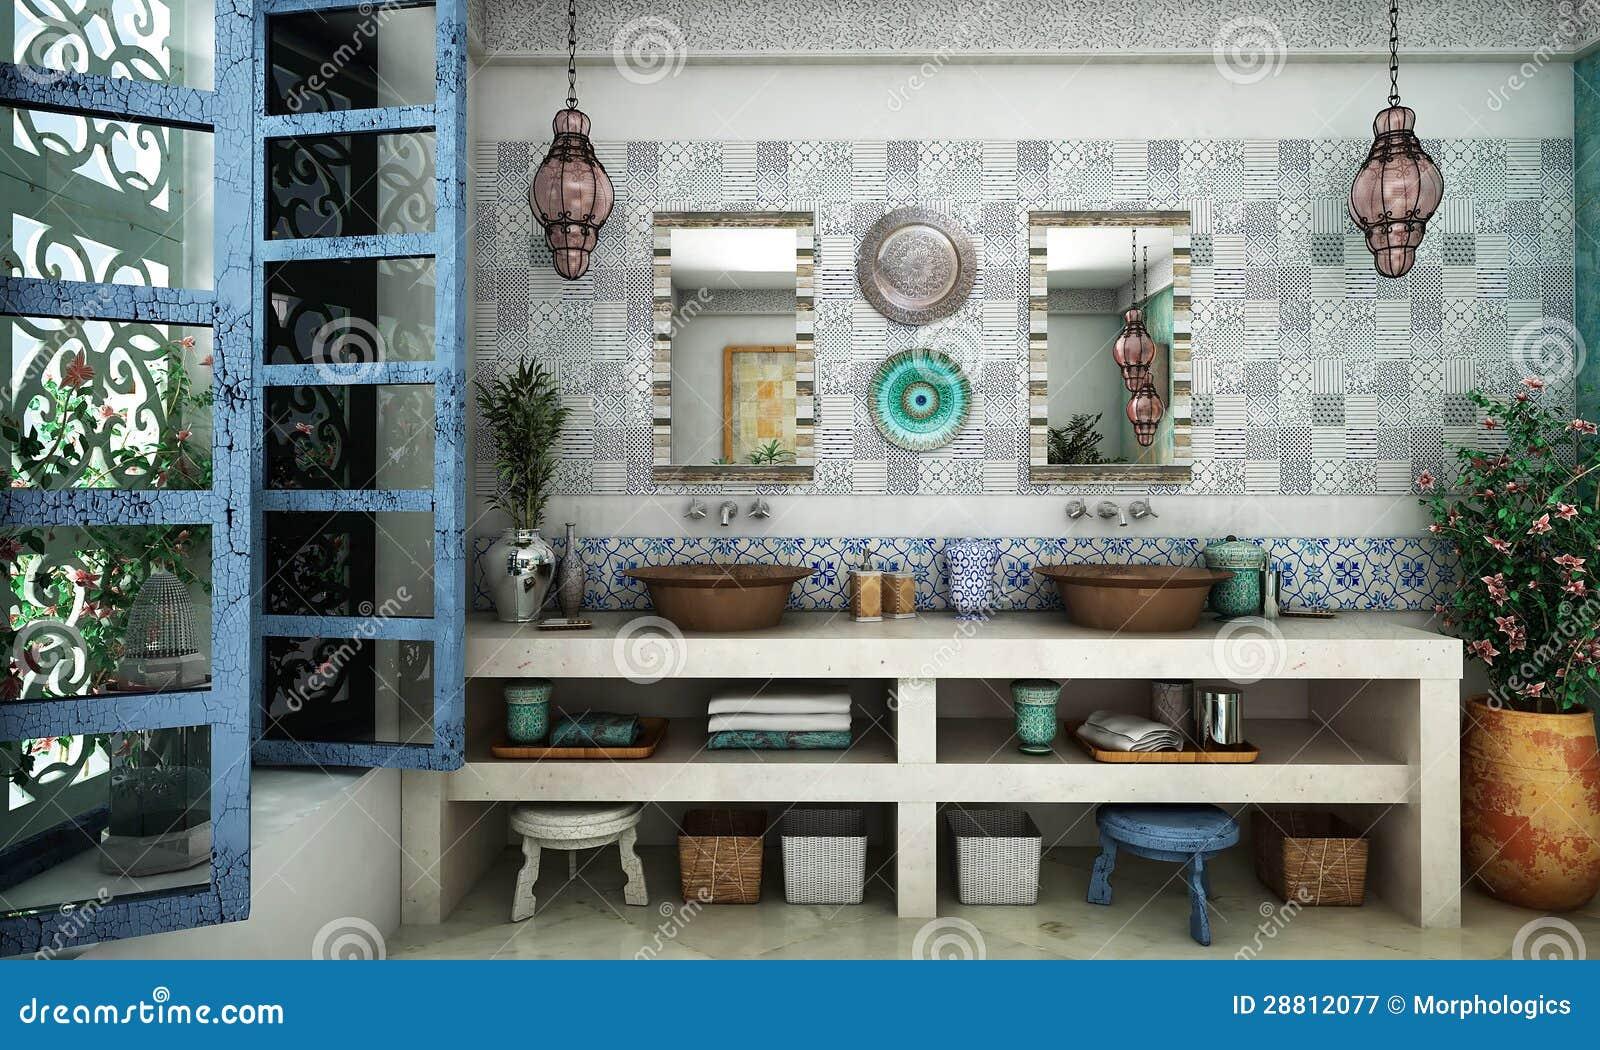 Marokkanisches Badezimmer stockbild. Bild von korb, feld - 28812077